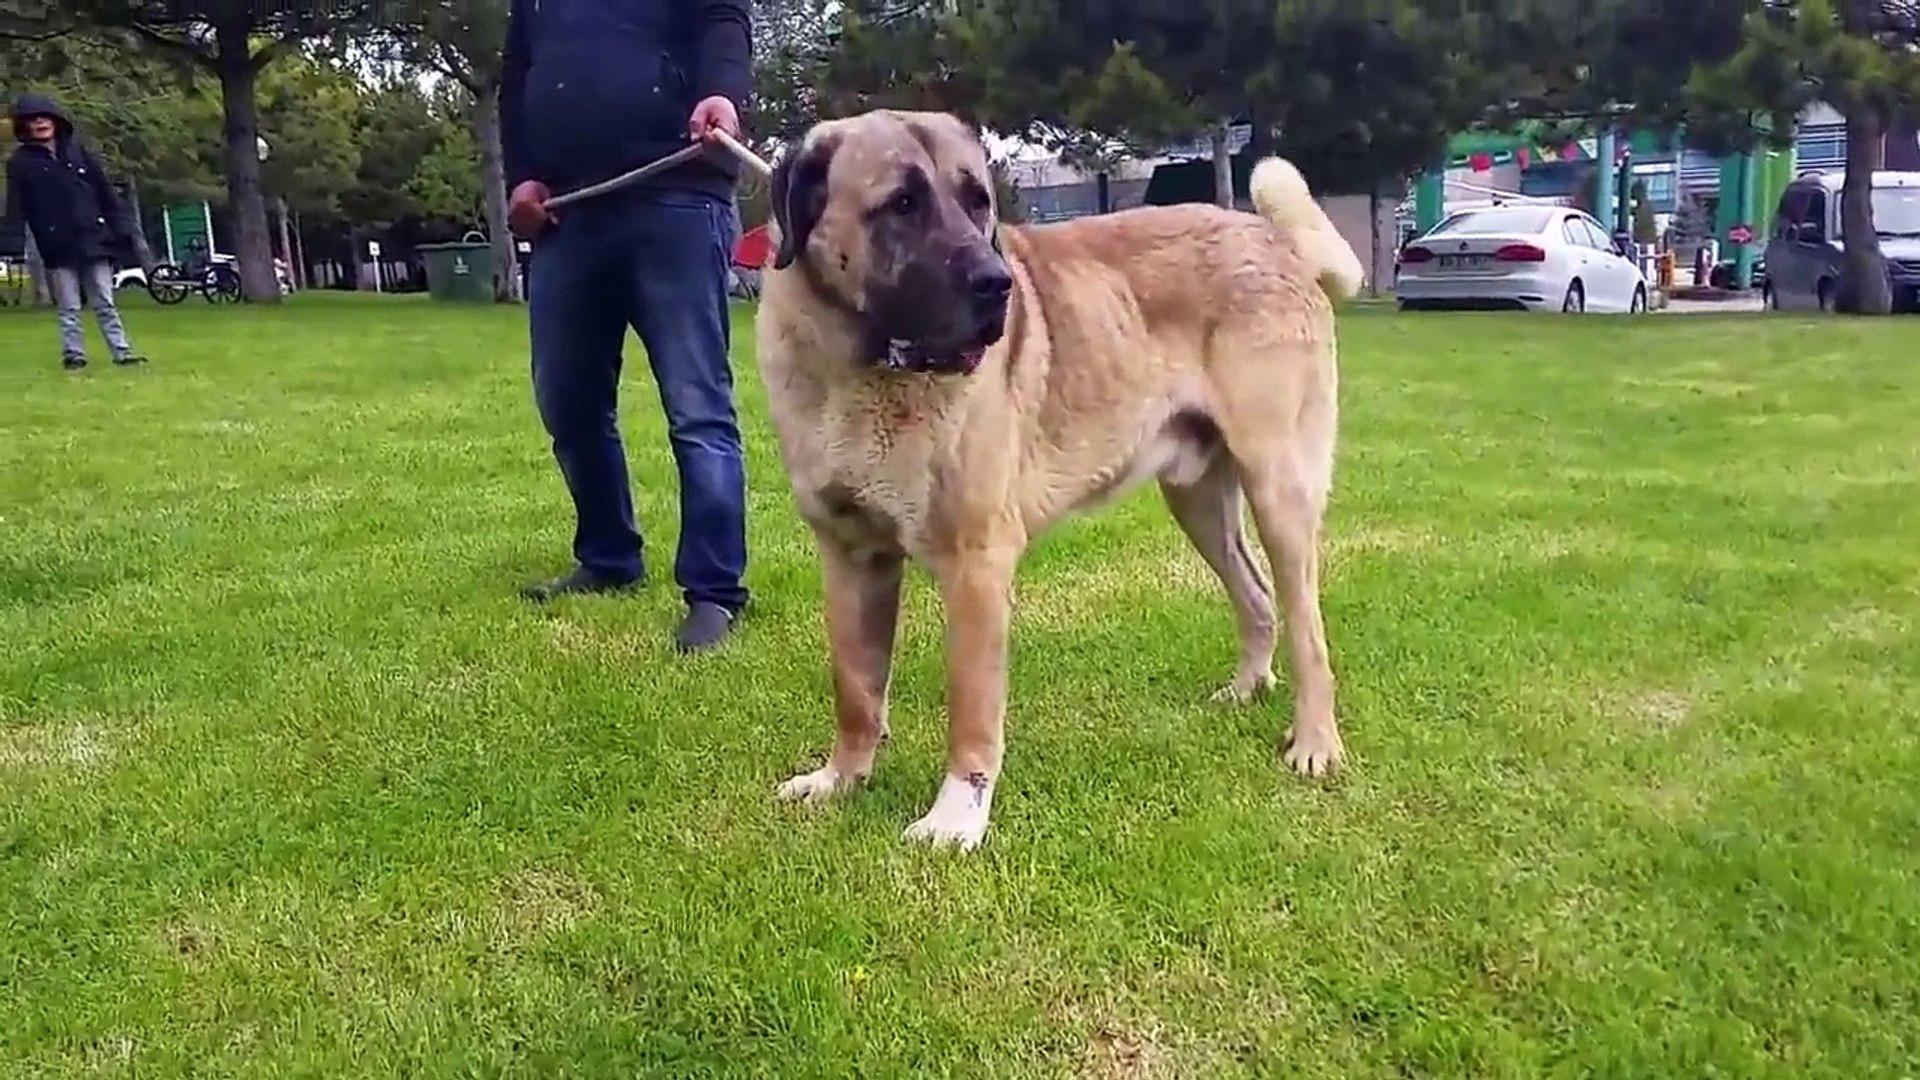 DEV AKSARAY MALAKLILAR ARENASI - GiANT ANATOLiAN SHEPHERD MALAKLI DOG ARENA